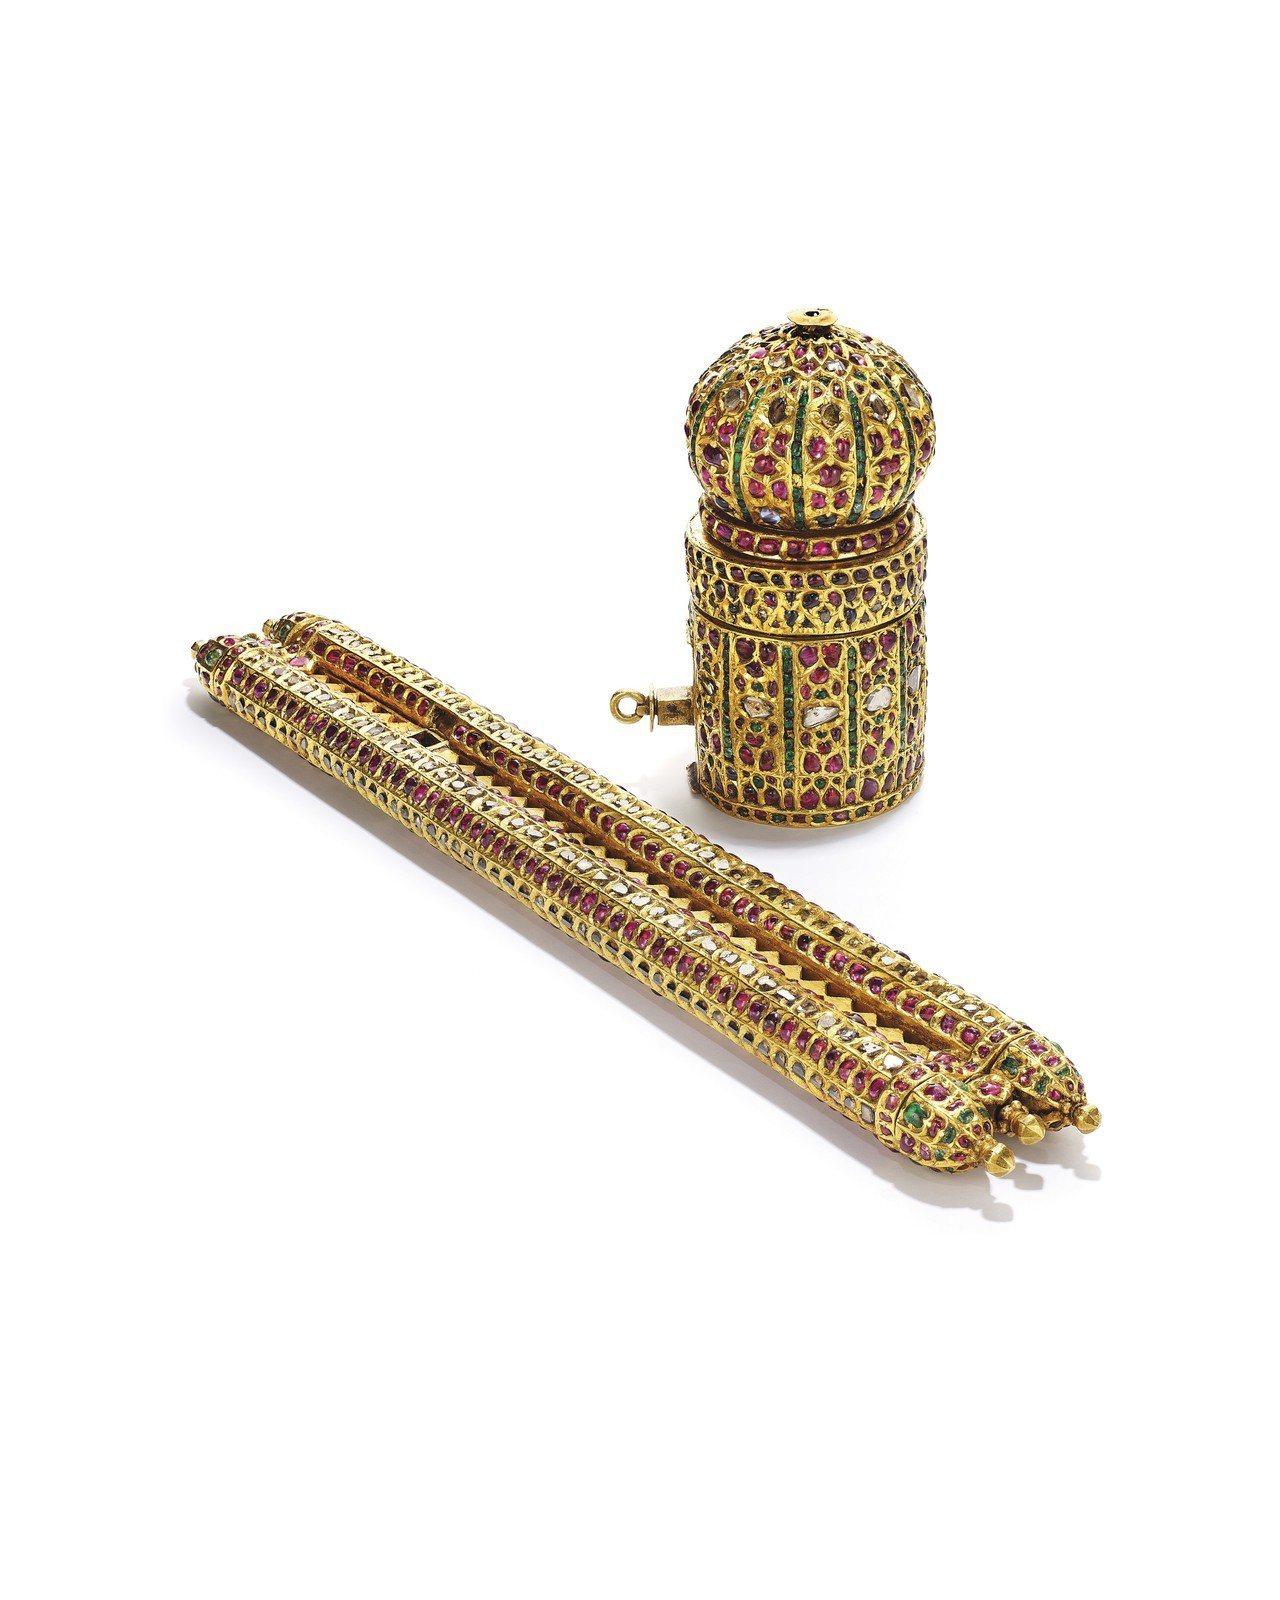 16世紀晚期印度北部或德幹筆盒及墨水瓶。圖/佳士得提供